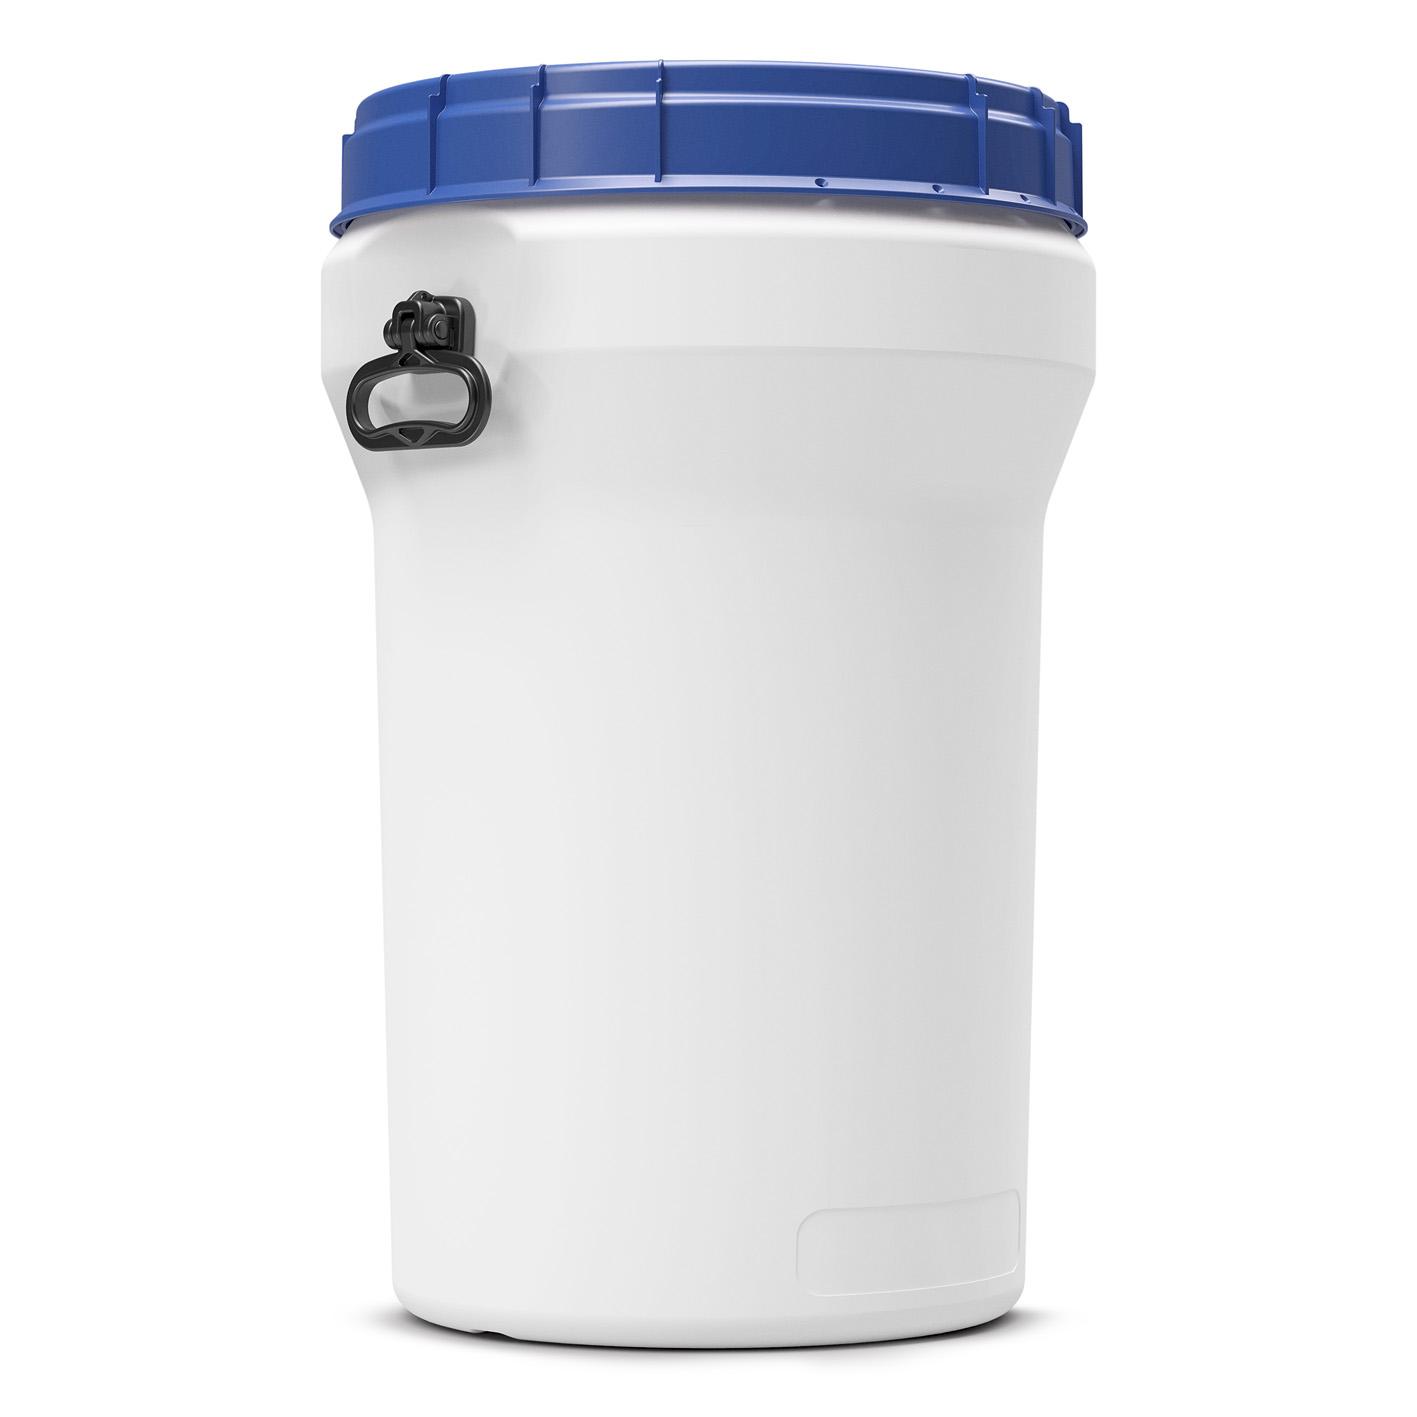 75 liter Nestable drum